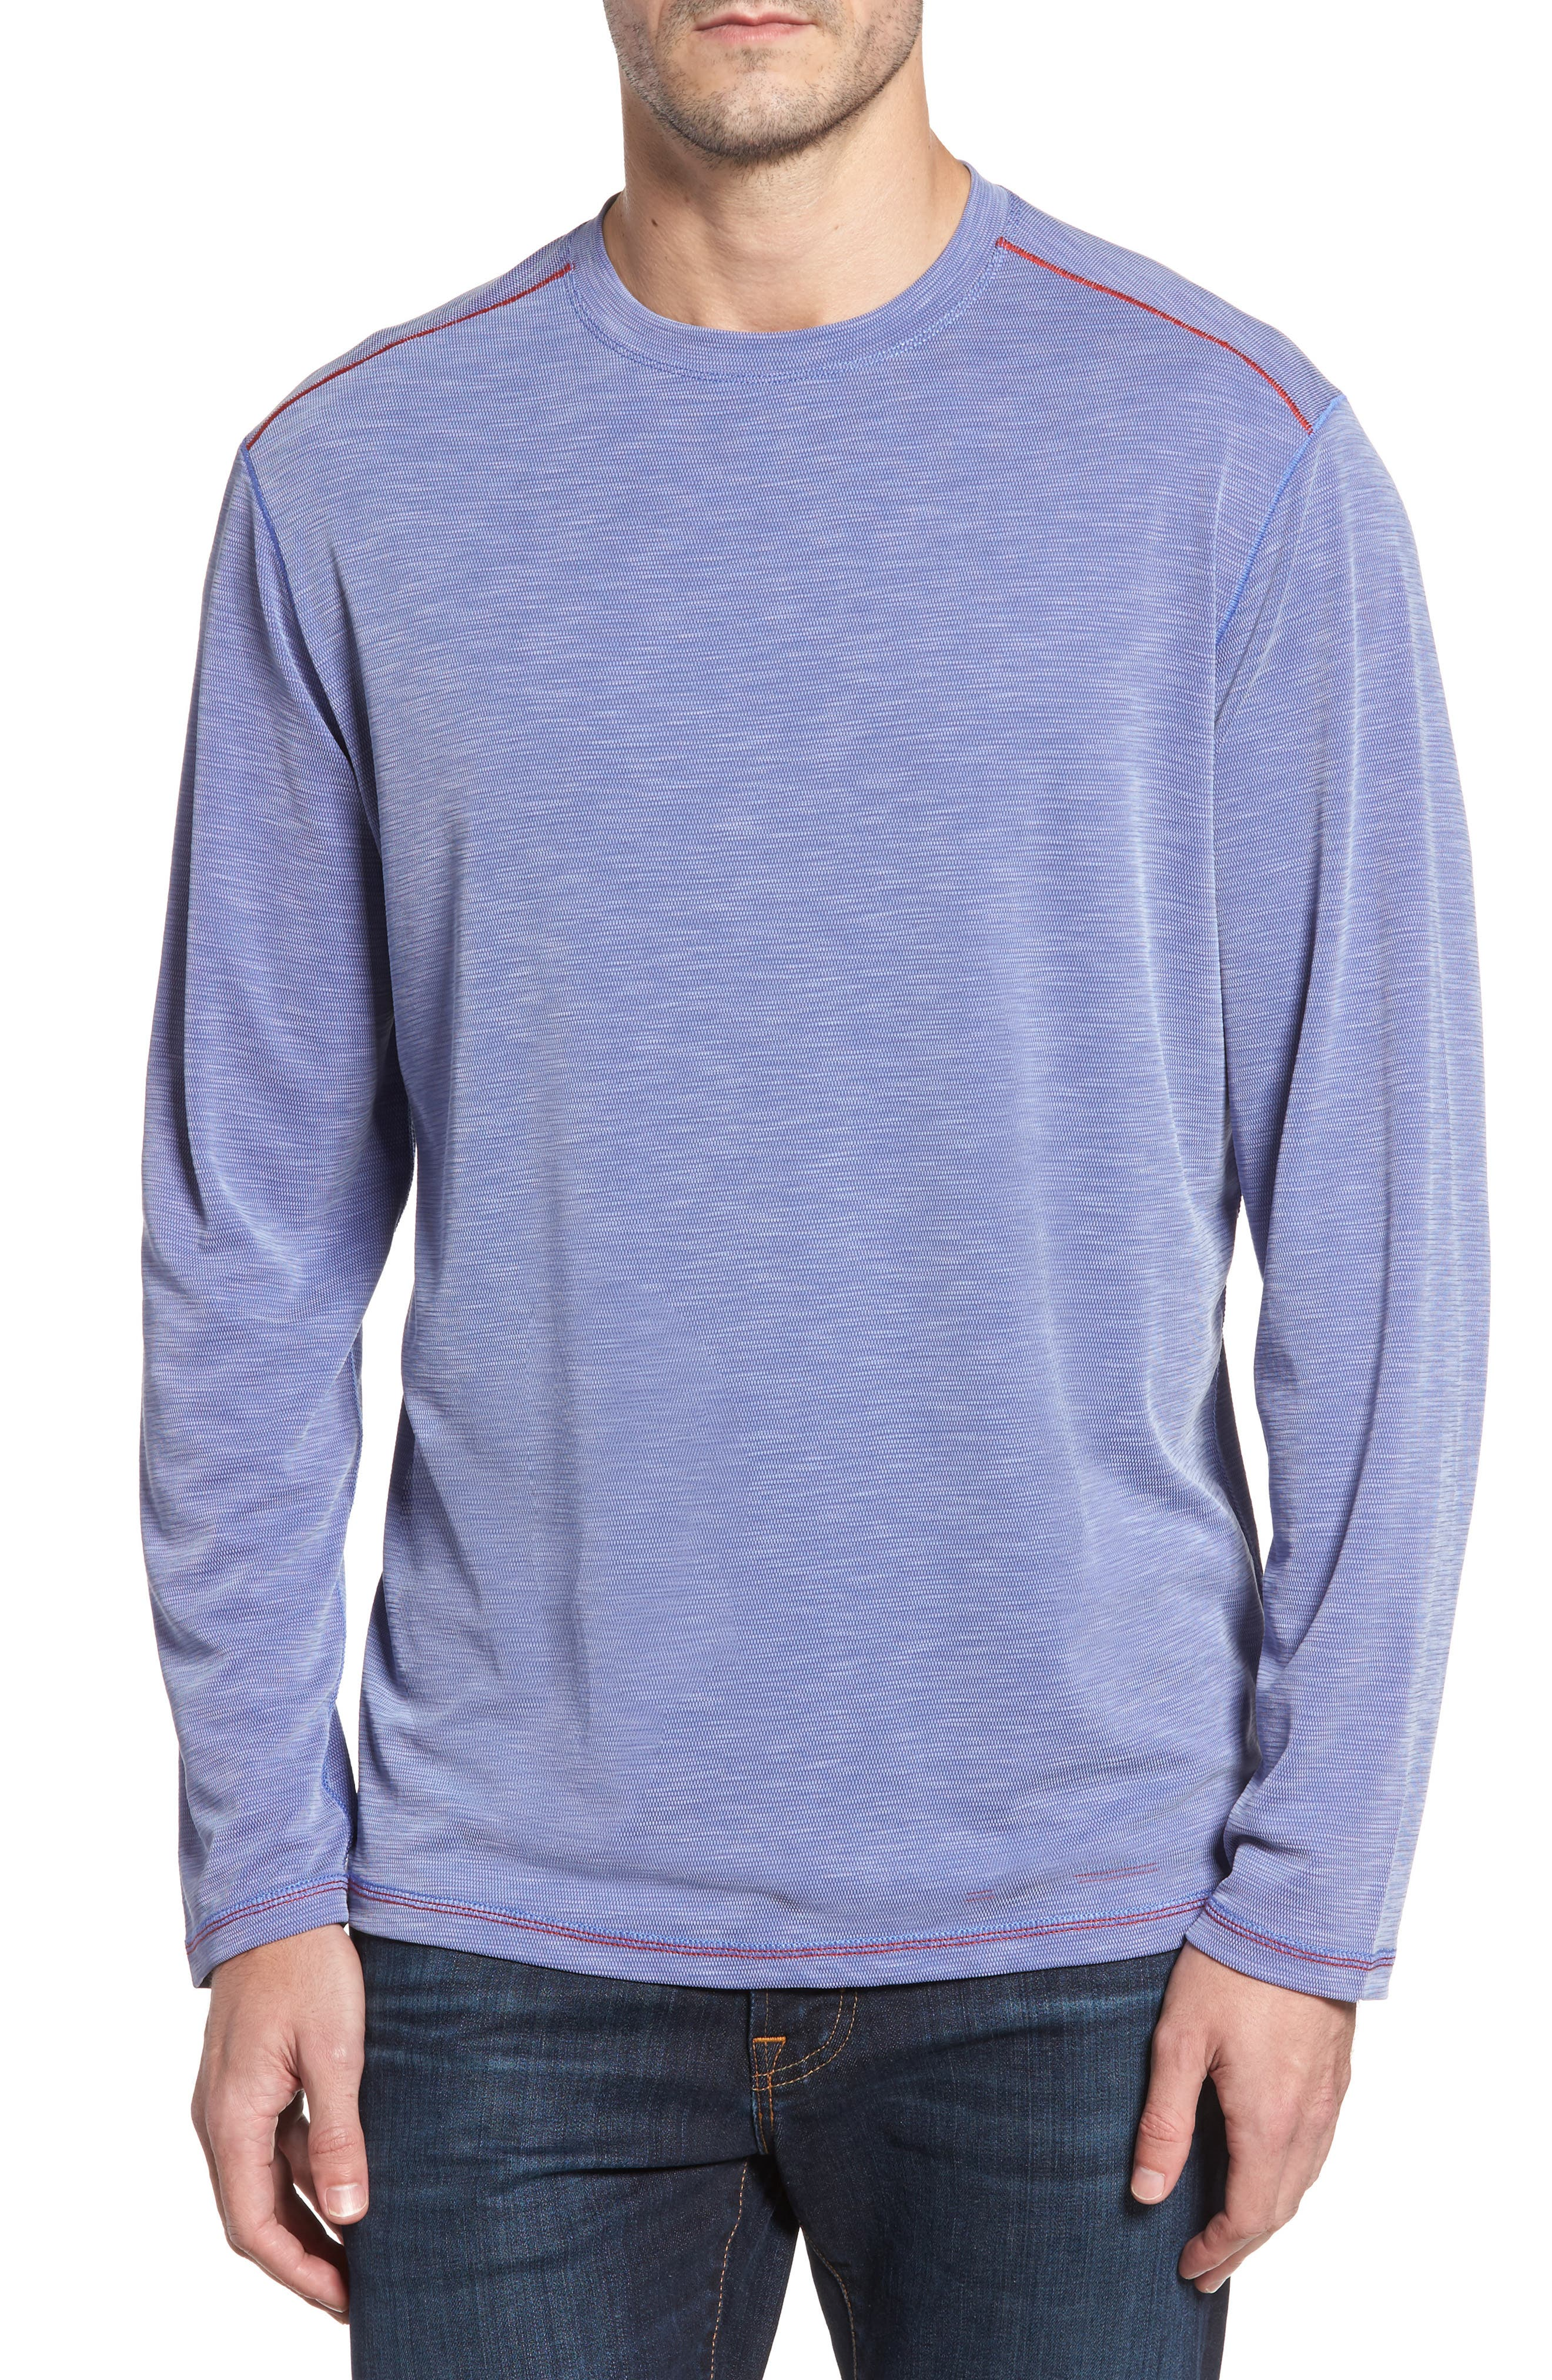 Alternate Image 1 Selected - Tommy Bahama Paradise Around Crewneck T-Shirt